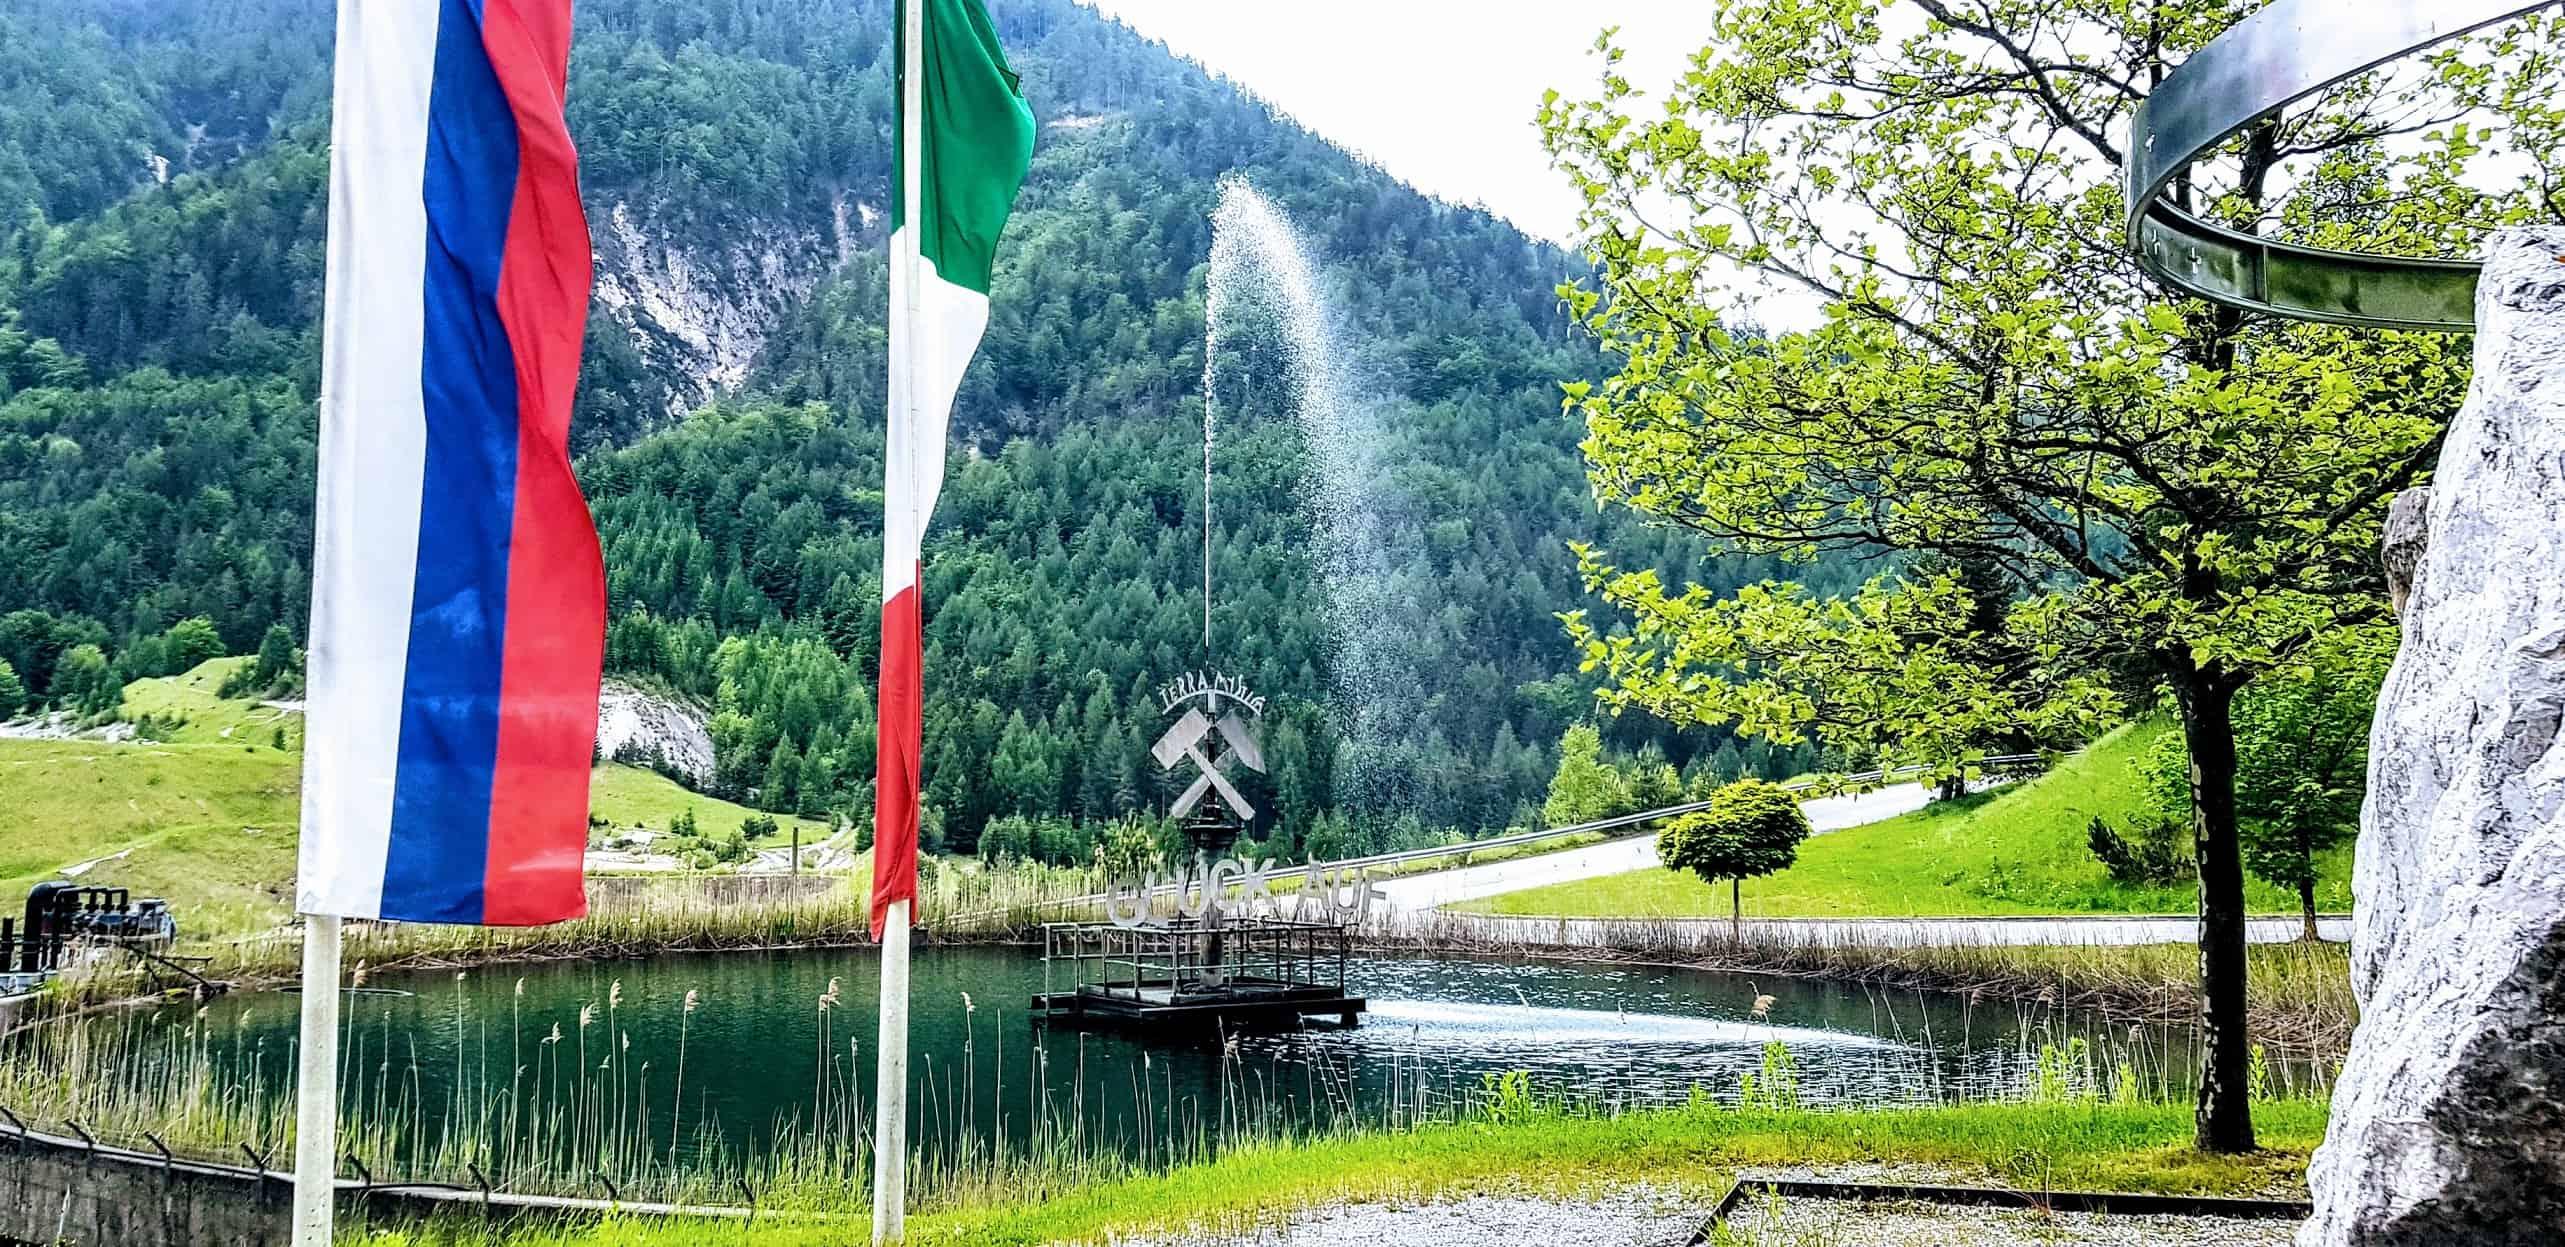 Teich mit Brunnen und Fahnen vor Schaubergwerk Terra Mystica im Naturpark Dobratsch